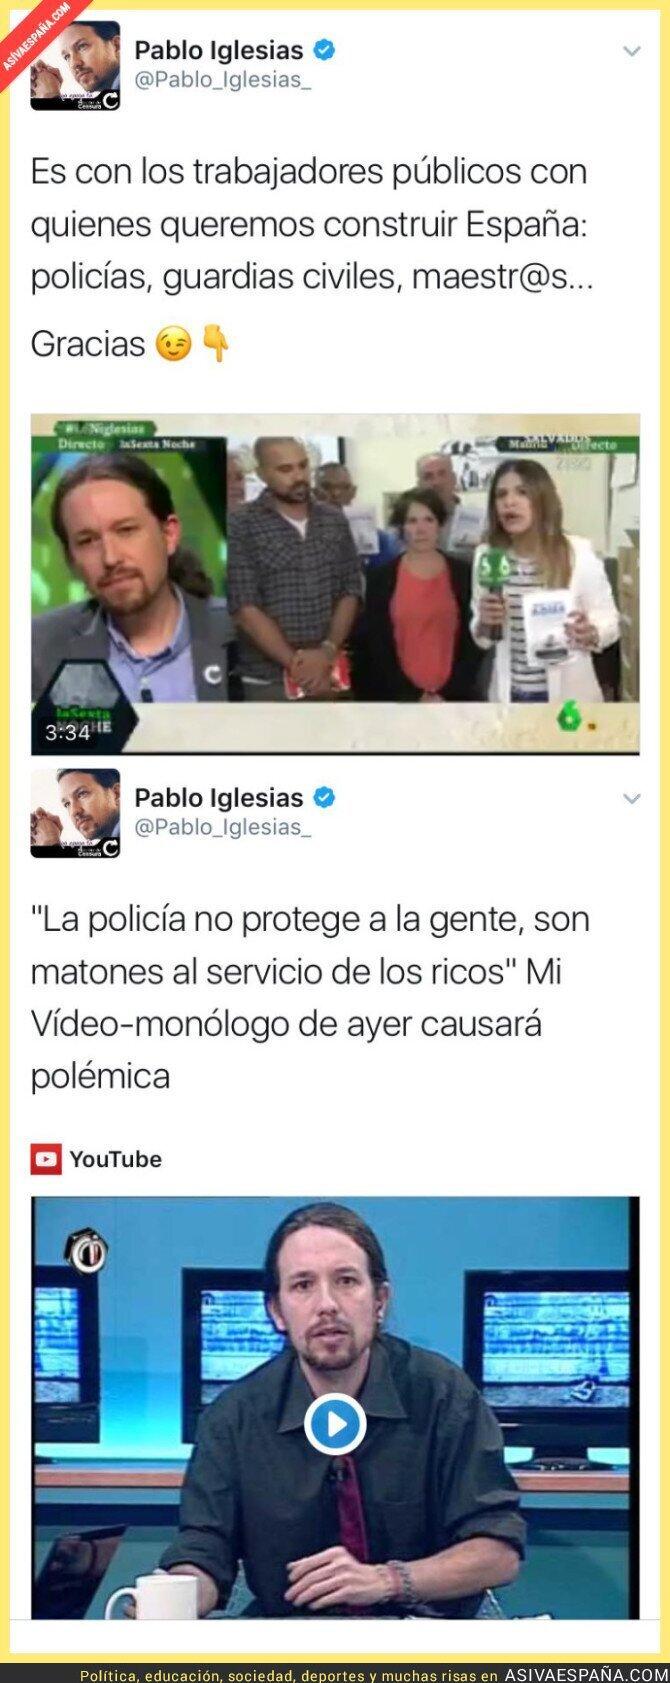 AVE_67215_a4a5c2f061934f858fe665d172543071_otros_pablo_iglesias_se_pega_un_auto_zasca_hablando_de_la_policia.jpg